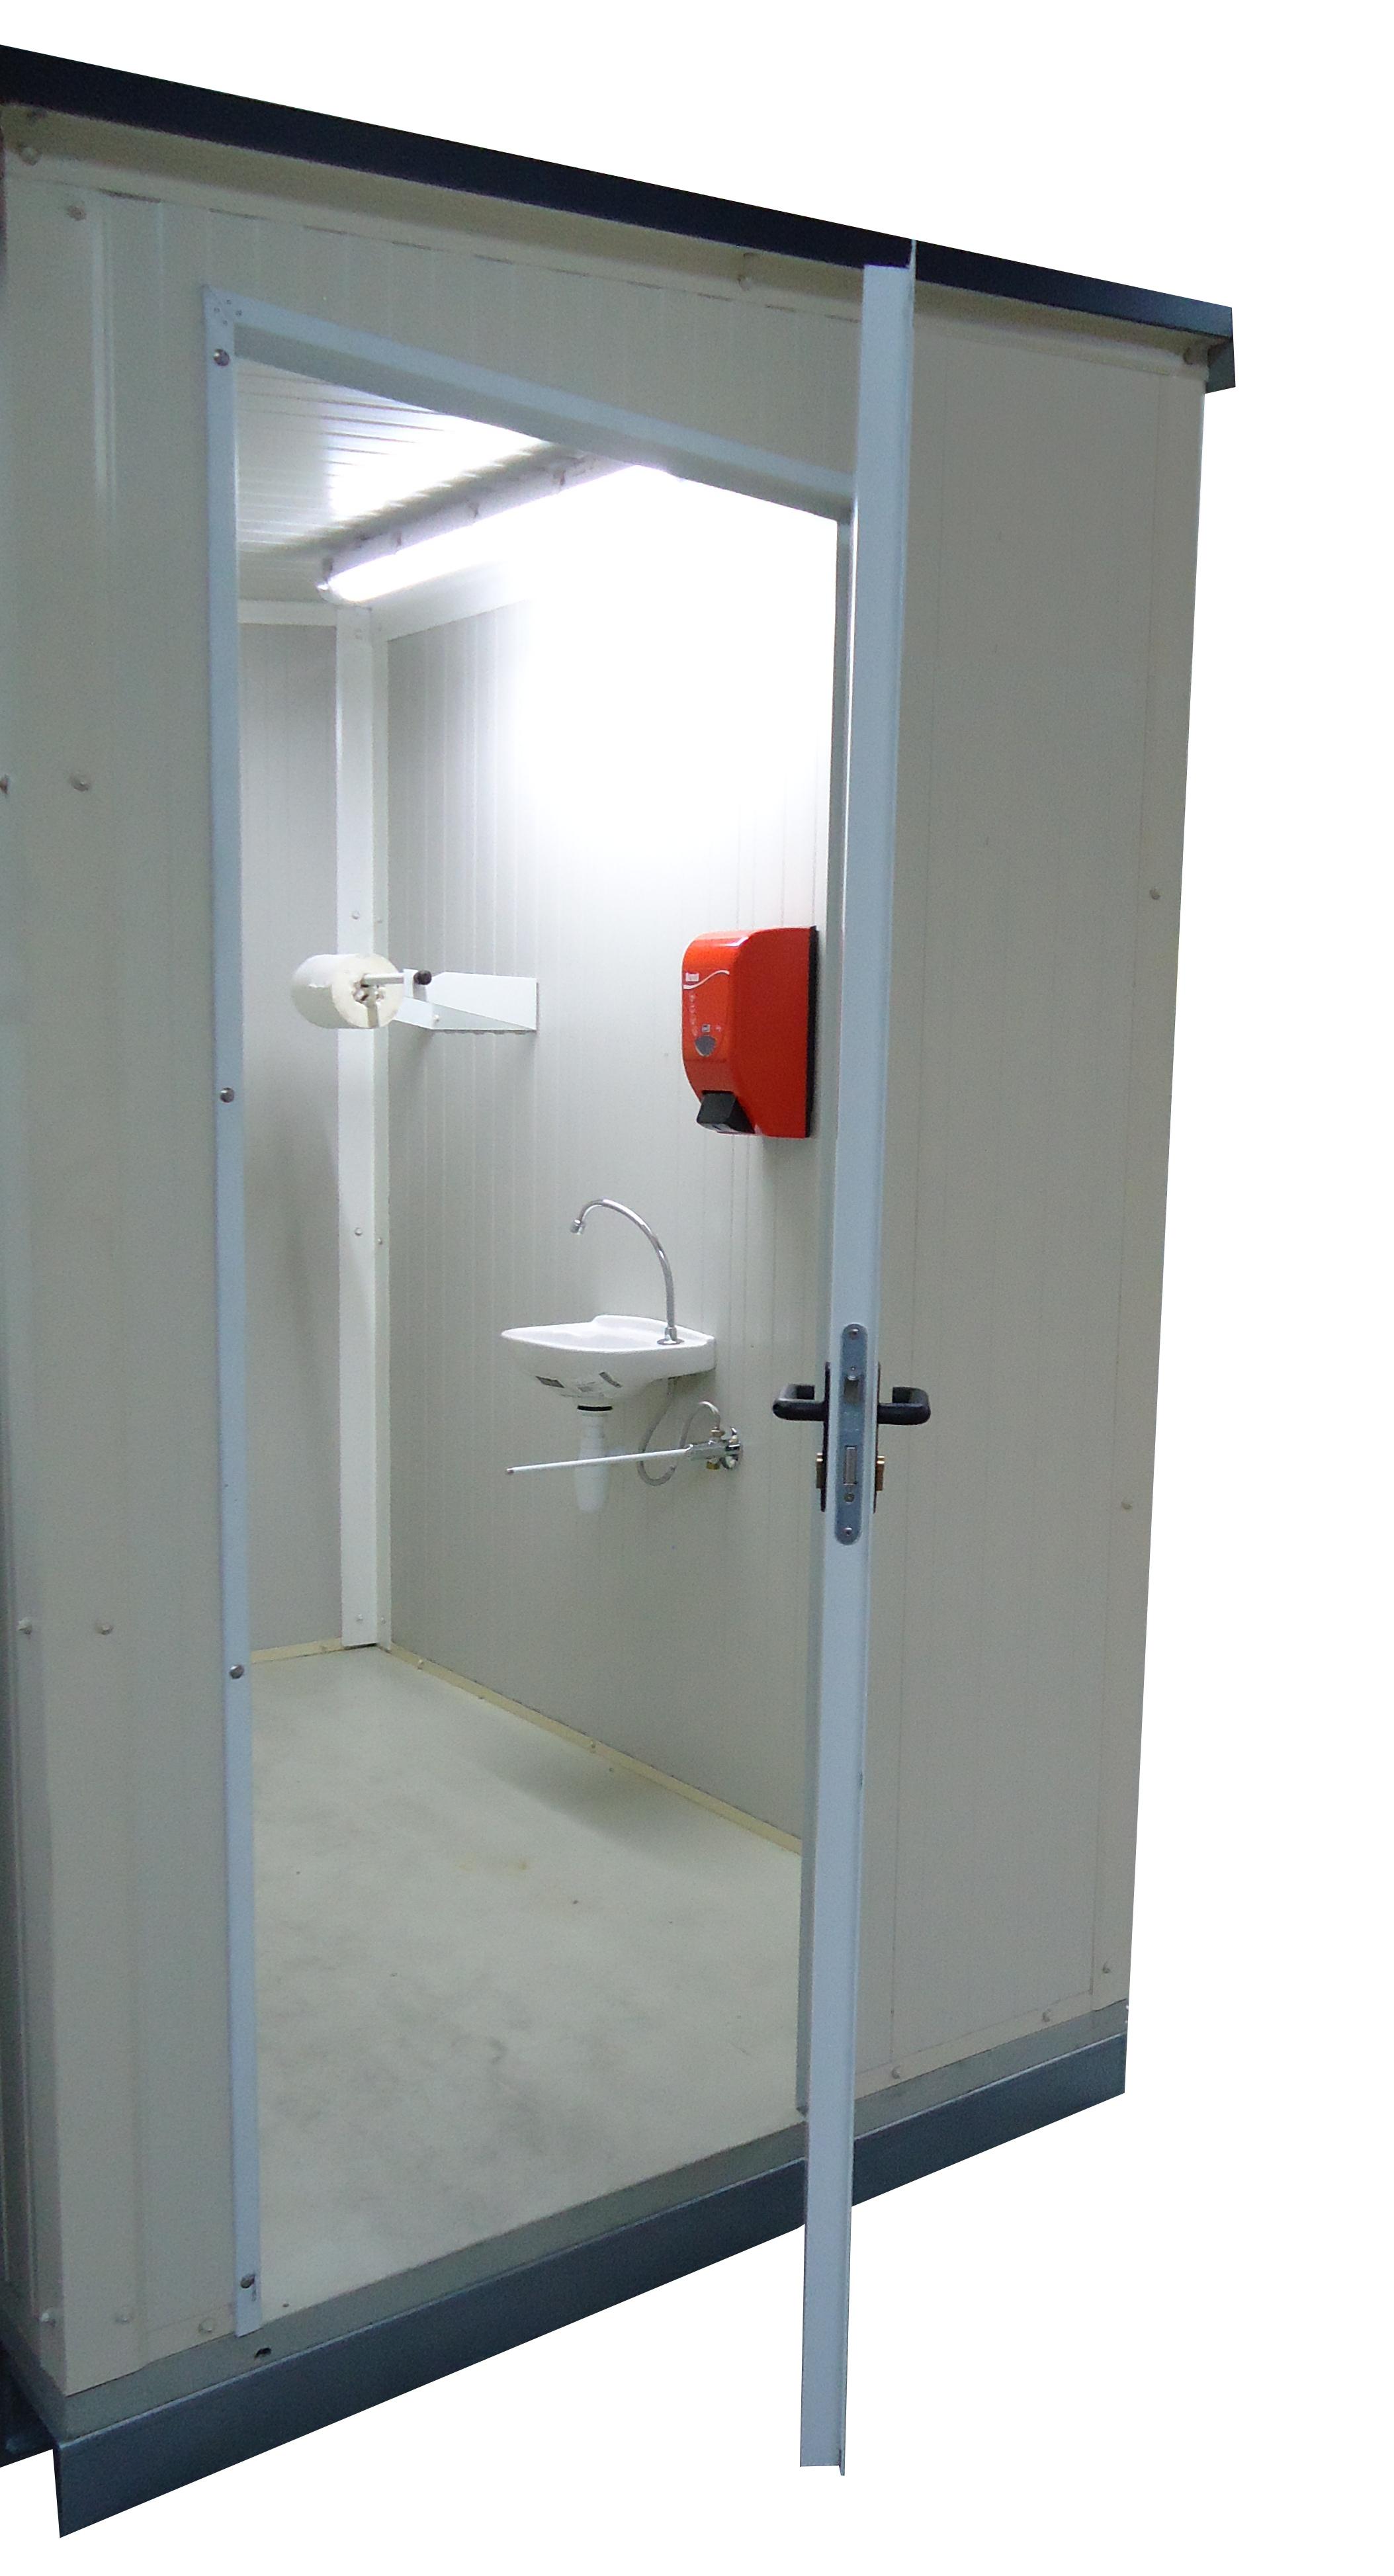 Sas Sanitaire 375m² Monté Avec Accessoire Coquelin